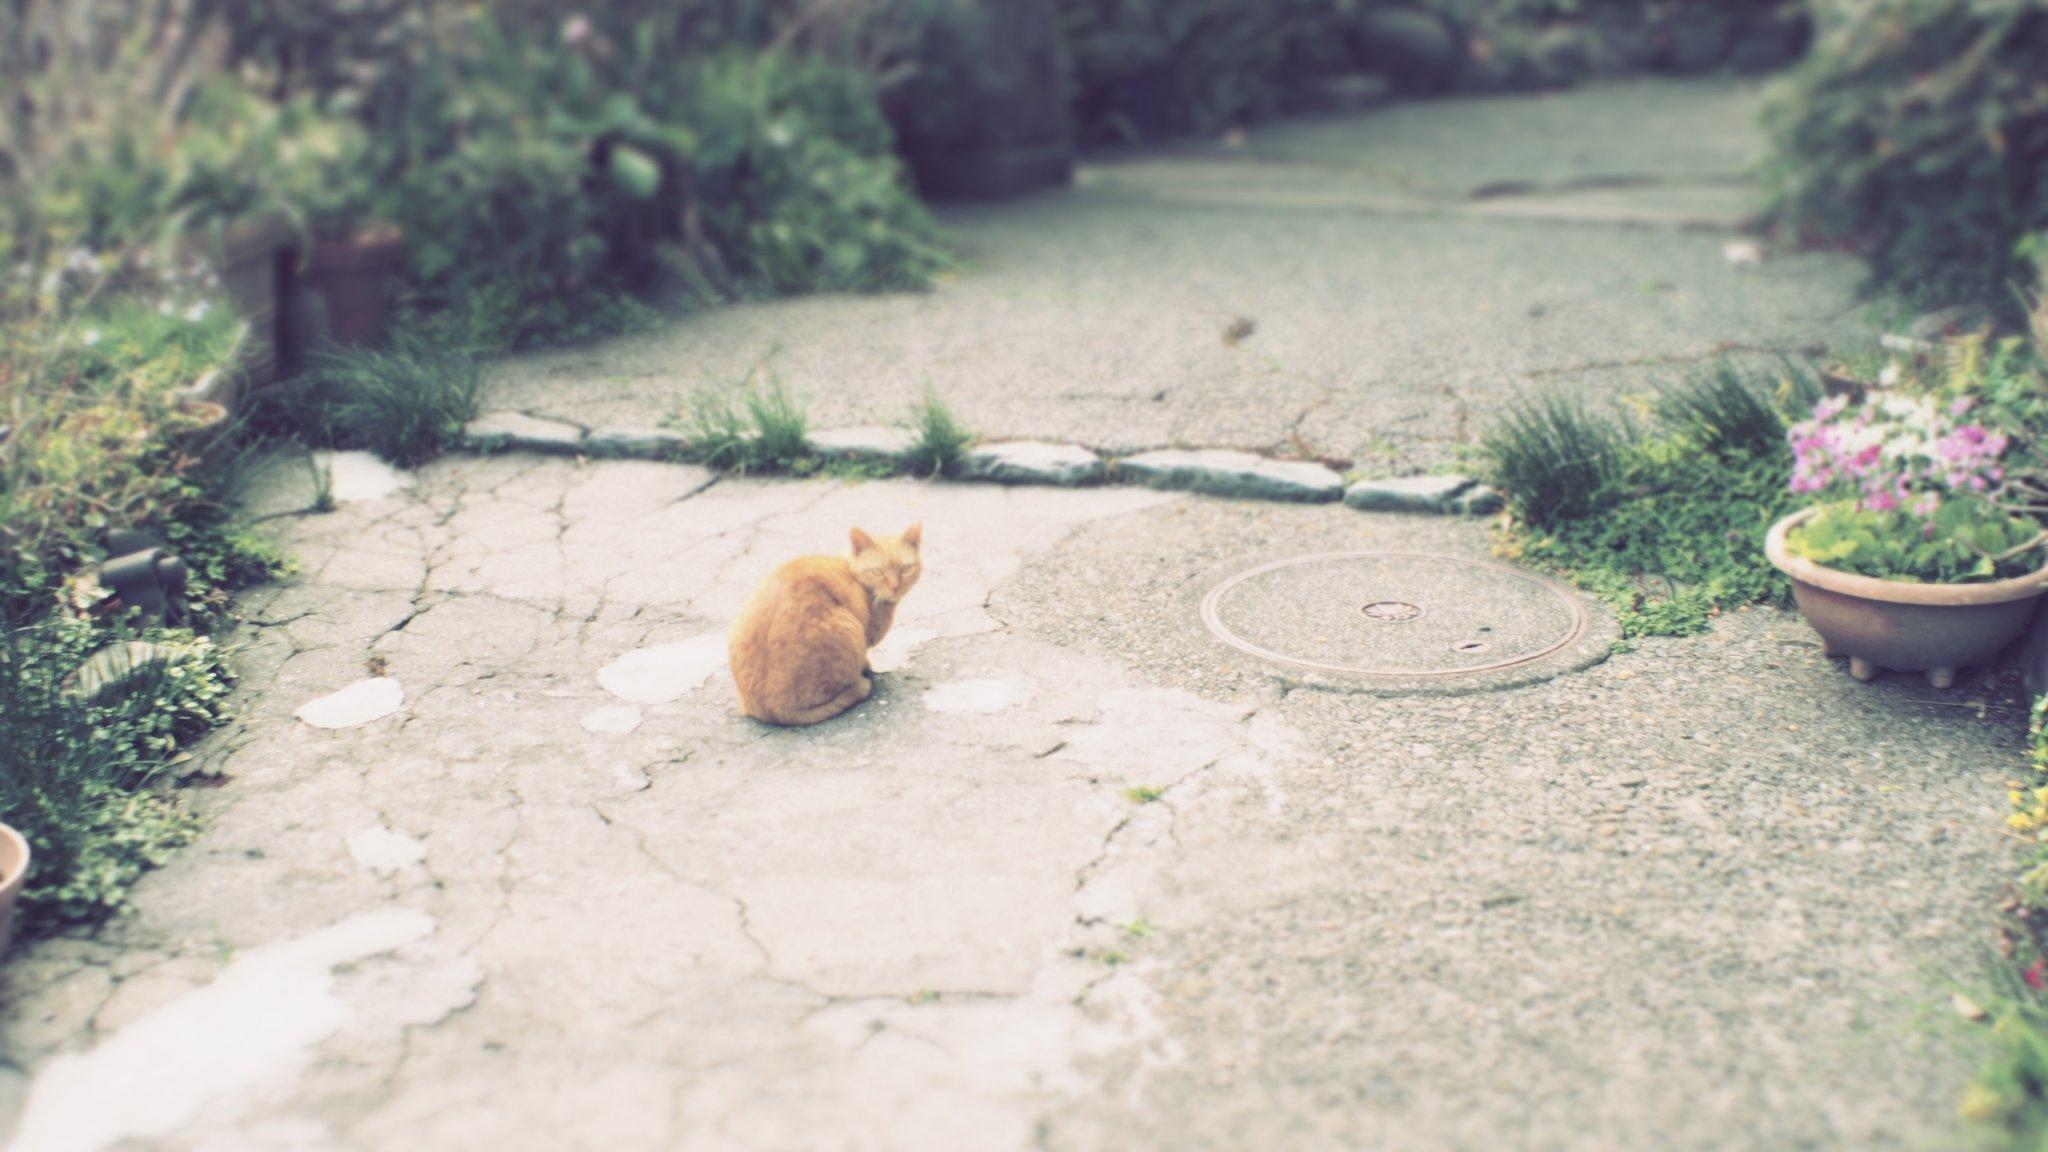 【OLYMPUS】アートフィルターとオールドレンズのお話